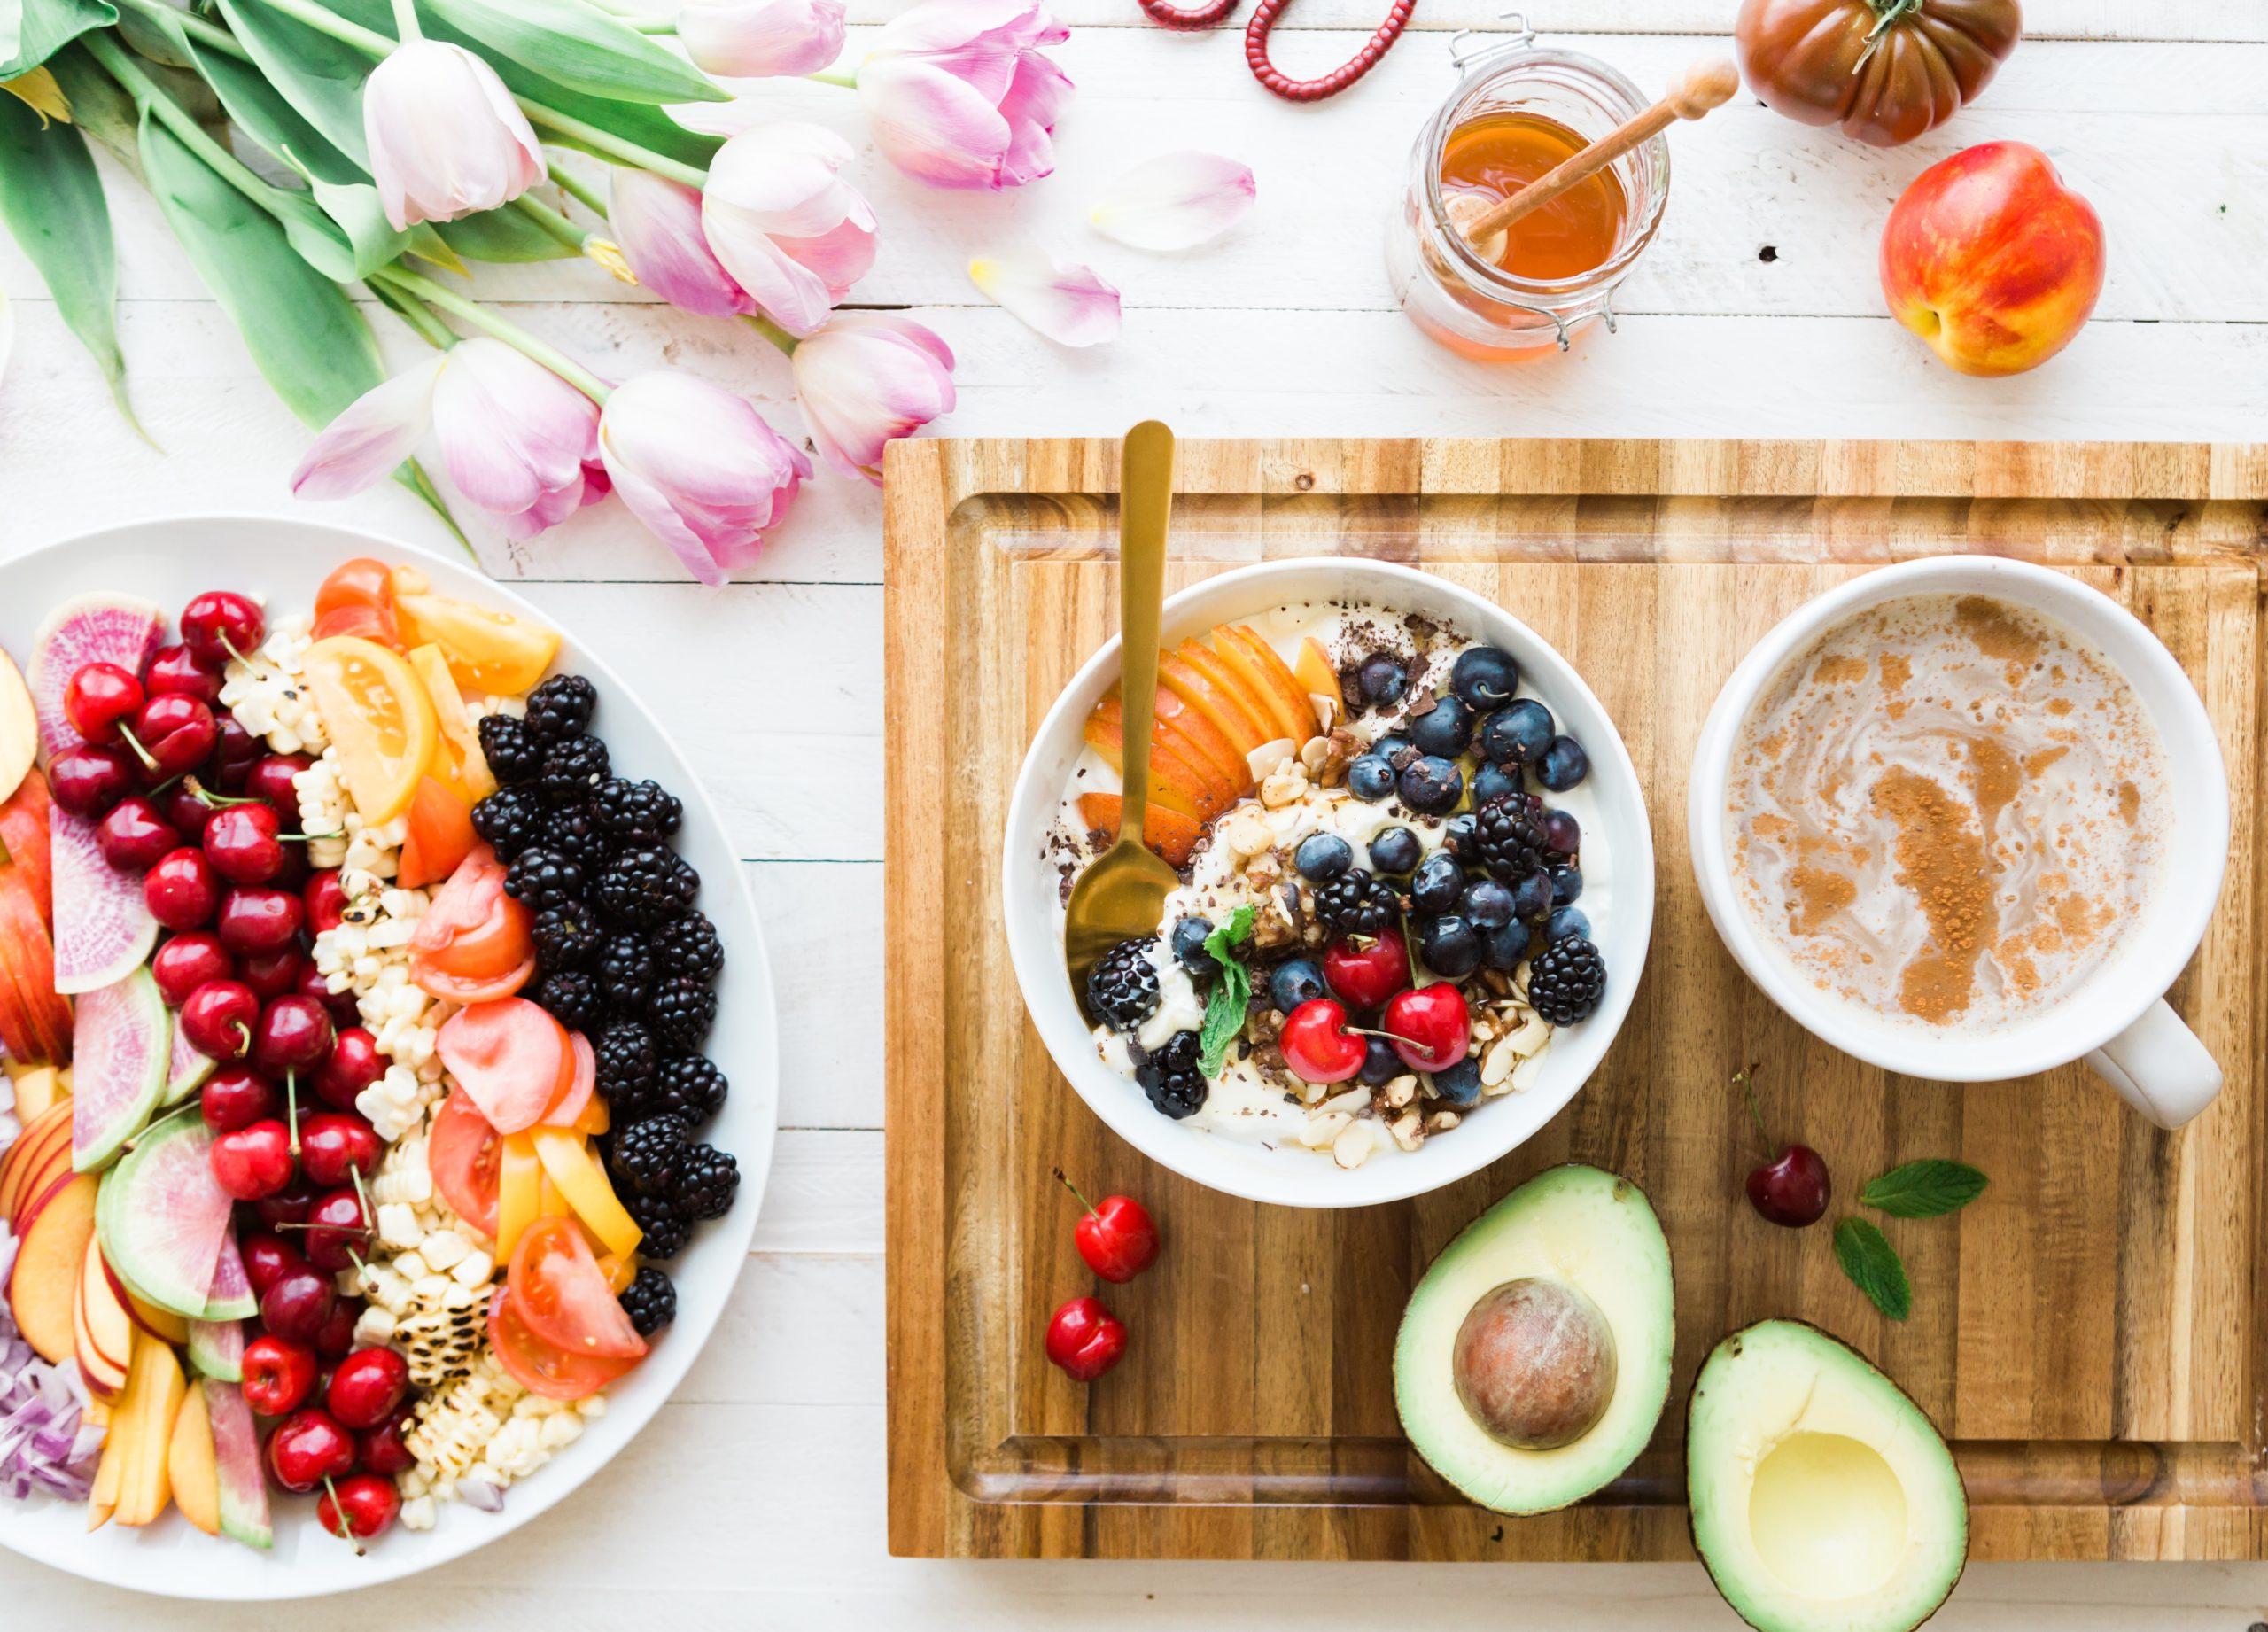 Befreien Sie sich vom Non-Stop-Kochen und bereiten Sie Ihre Mahlzeiten im Voraus vor